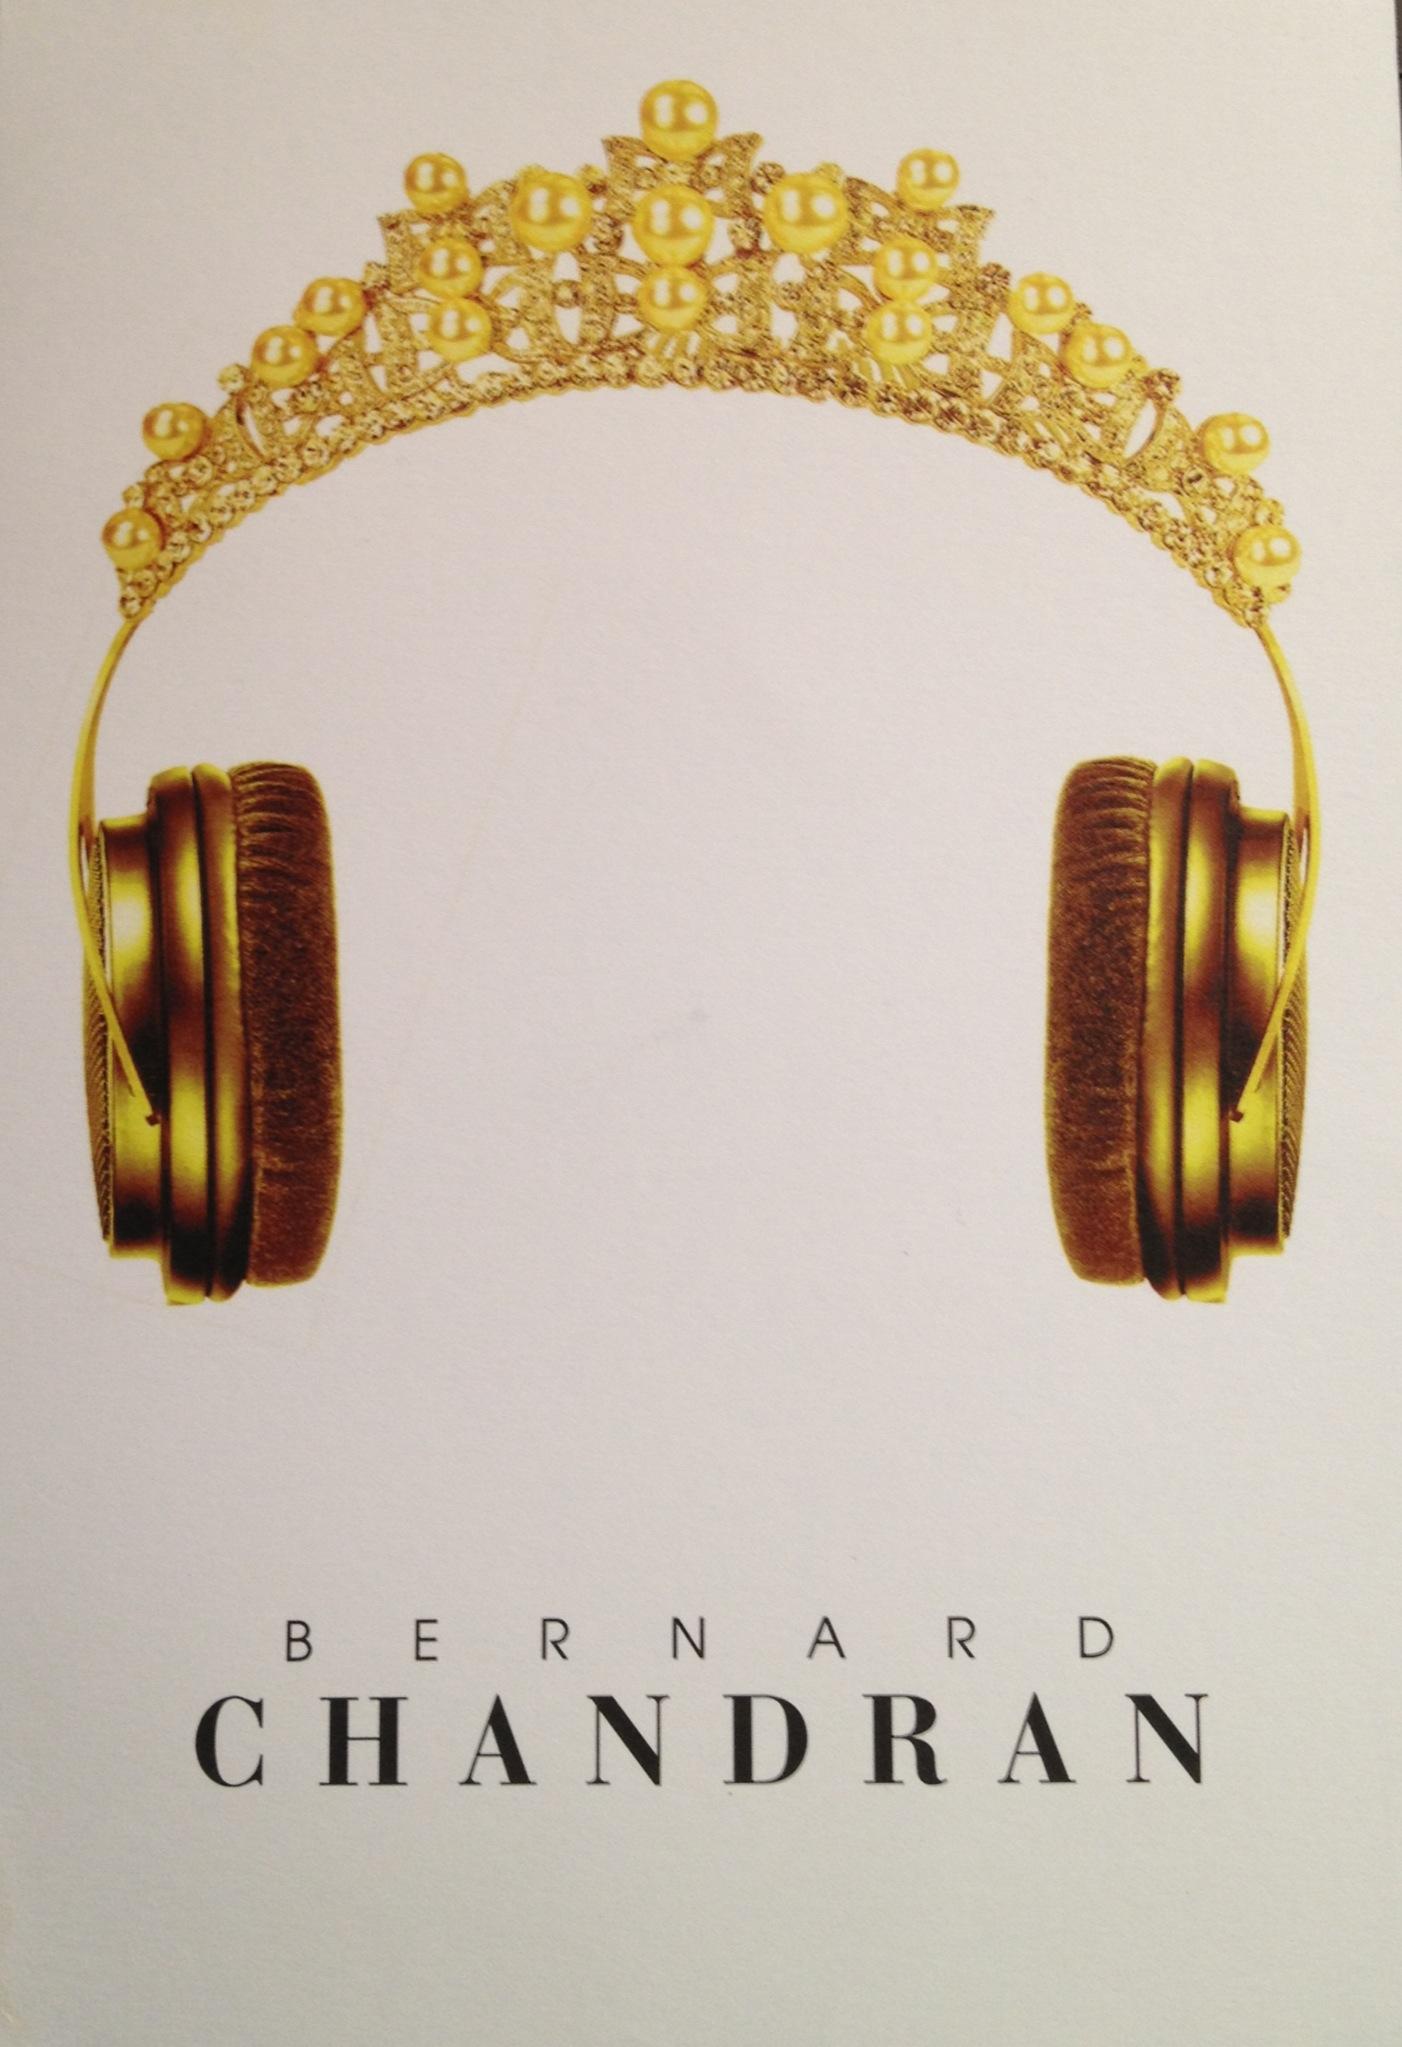 bernard chandran invitation for SS14